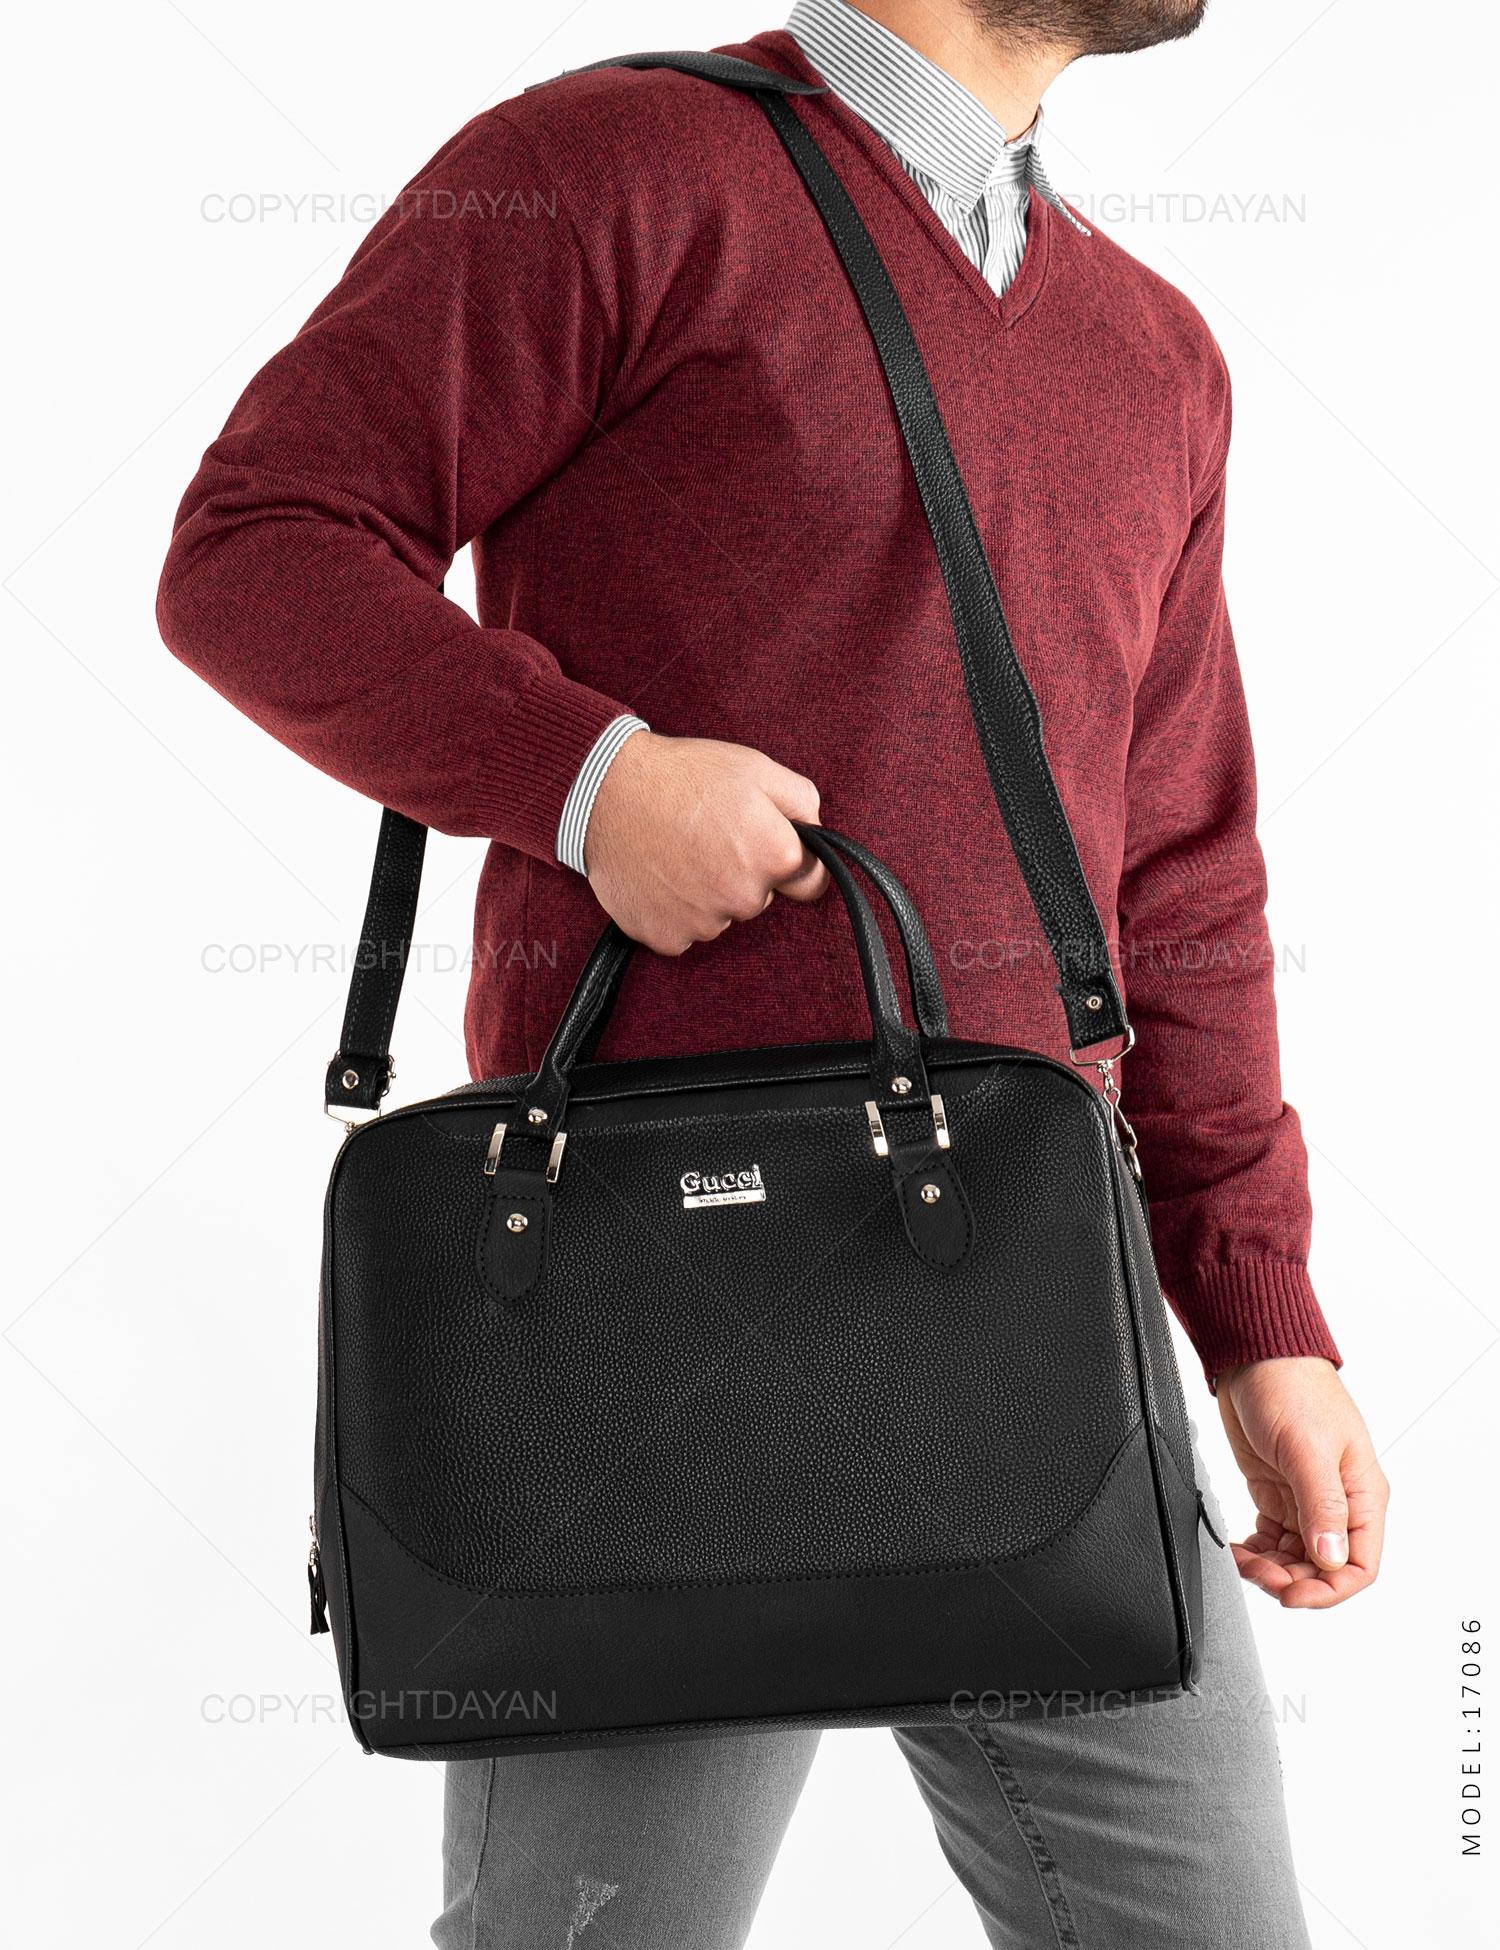 کیف اداری Gucci مدل 17086